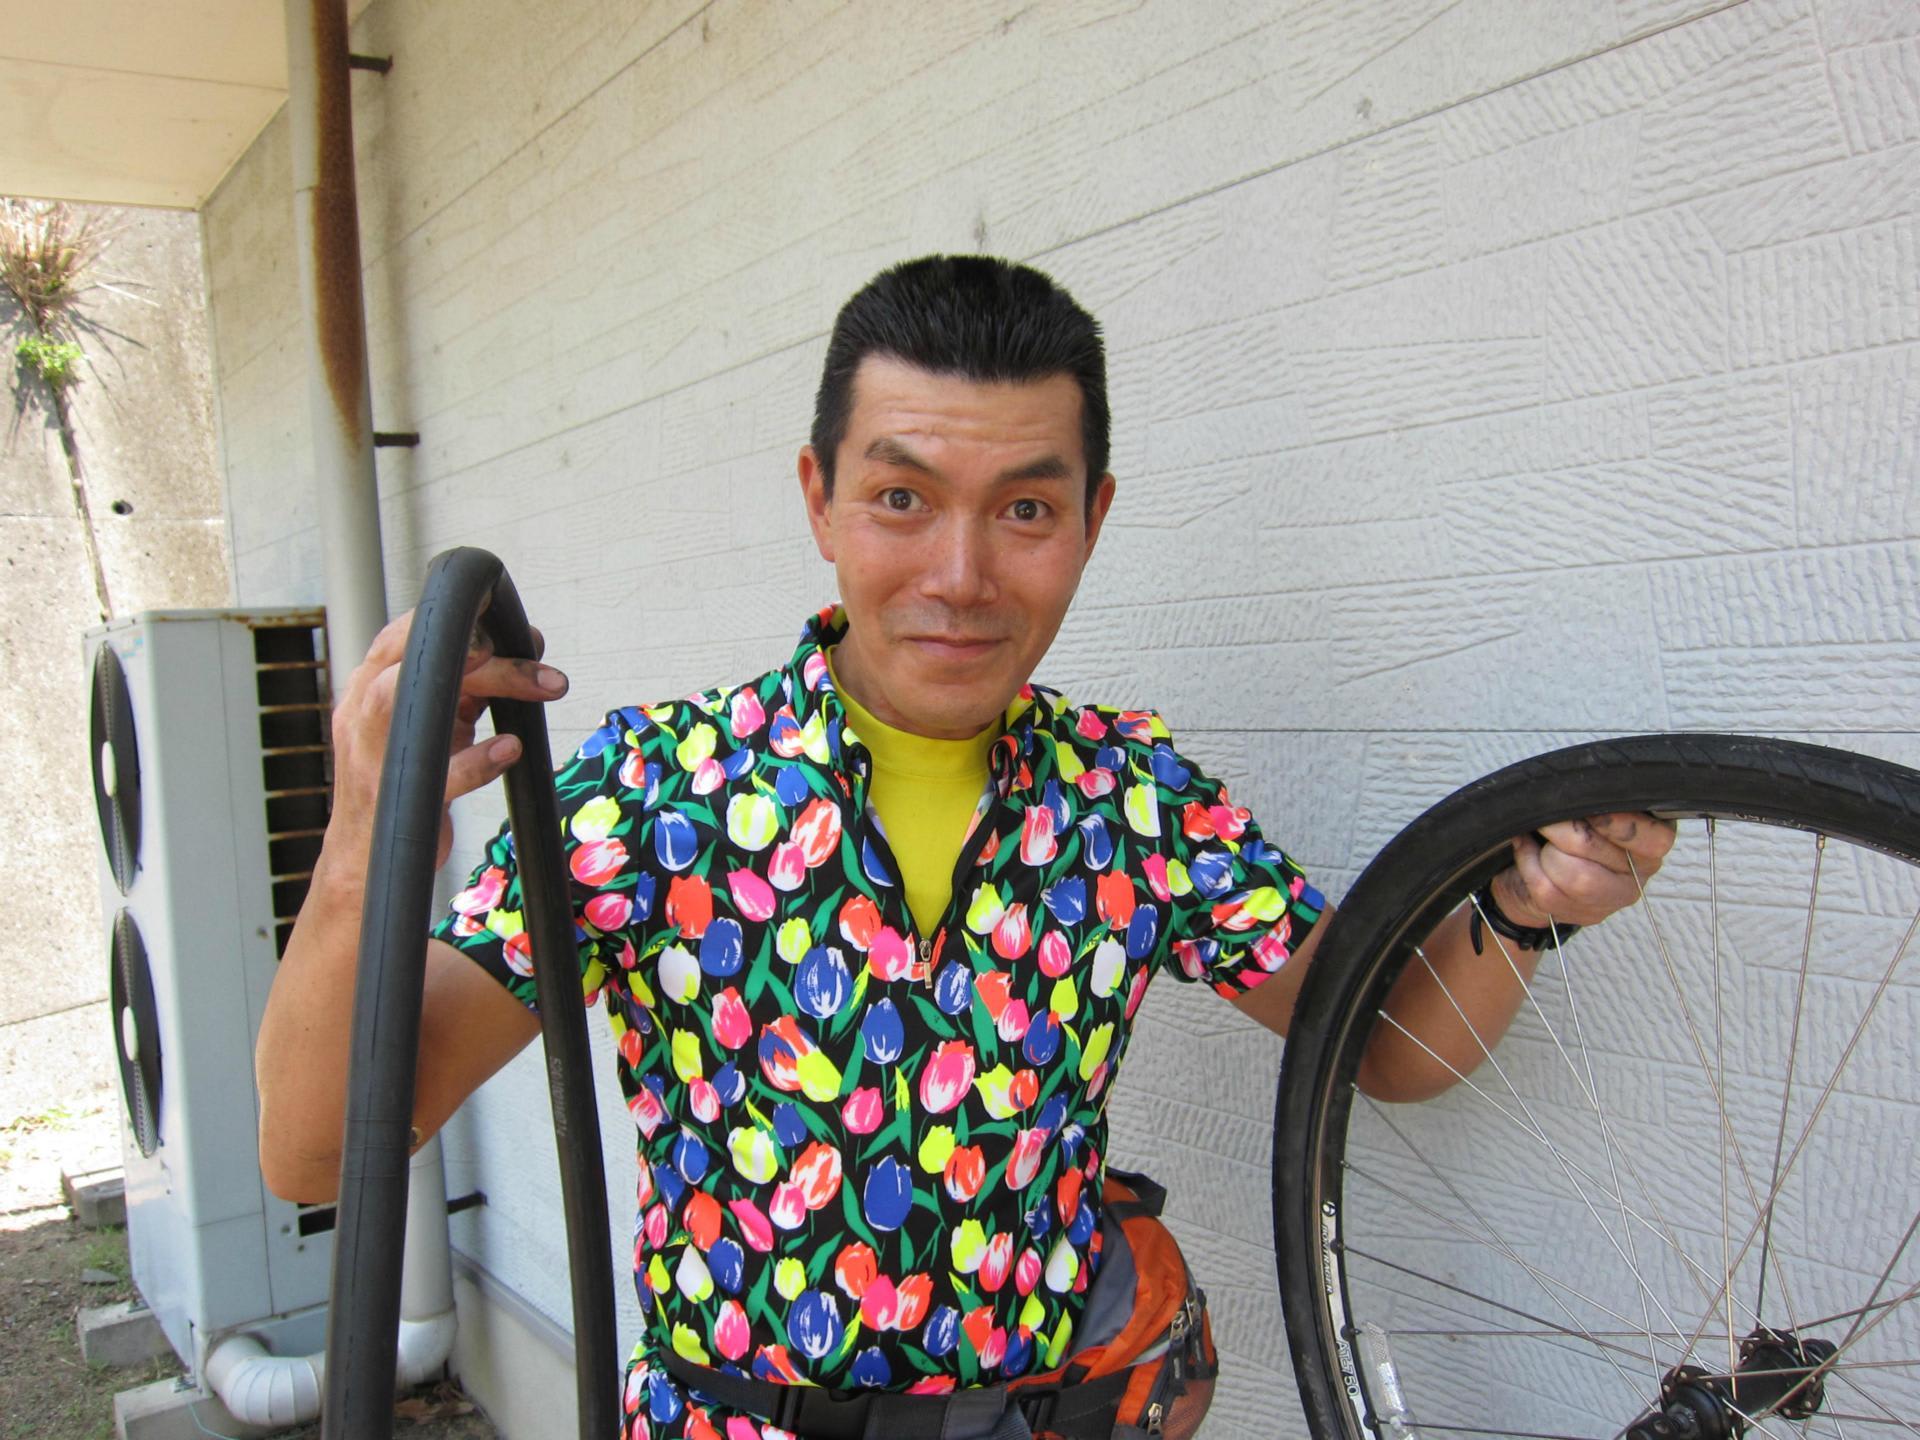 自転車の 自転車 ギアチェンジ 修理 : 毎日自転車通勤でパンク修理 ...